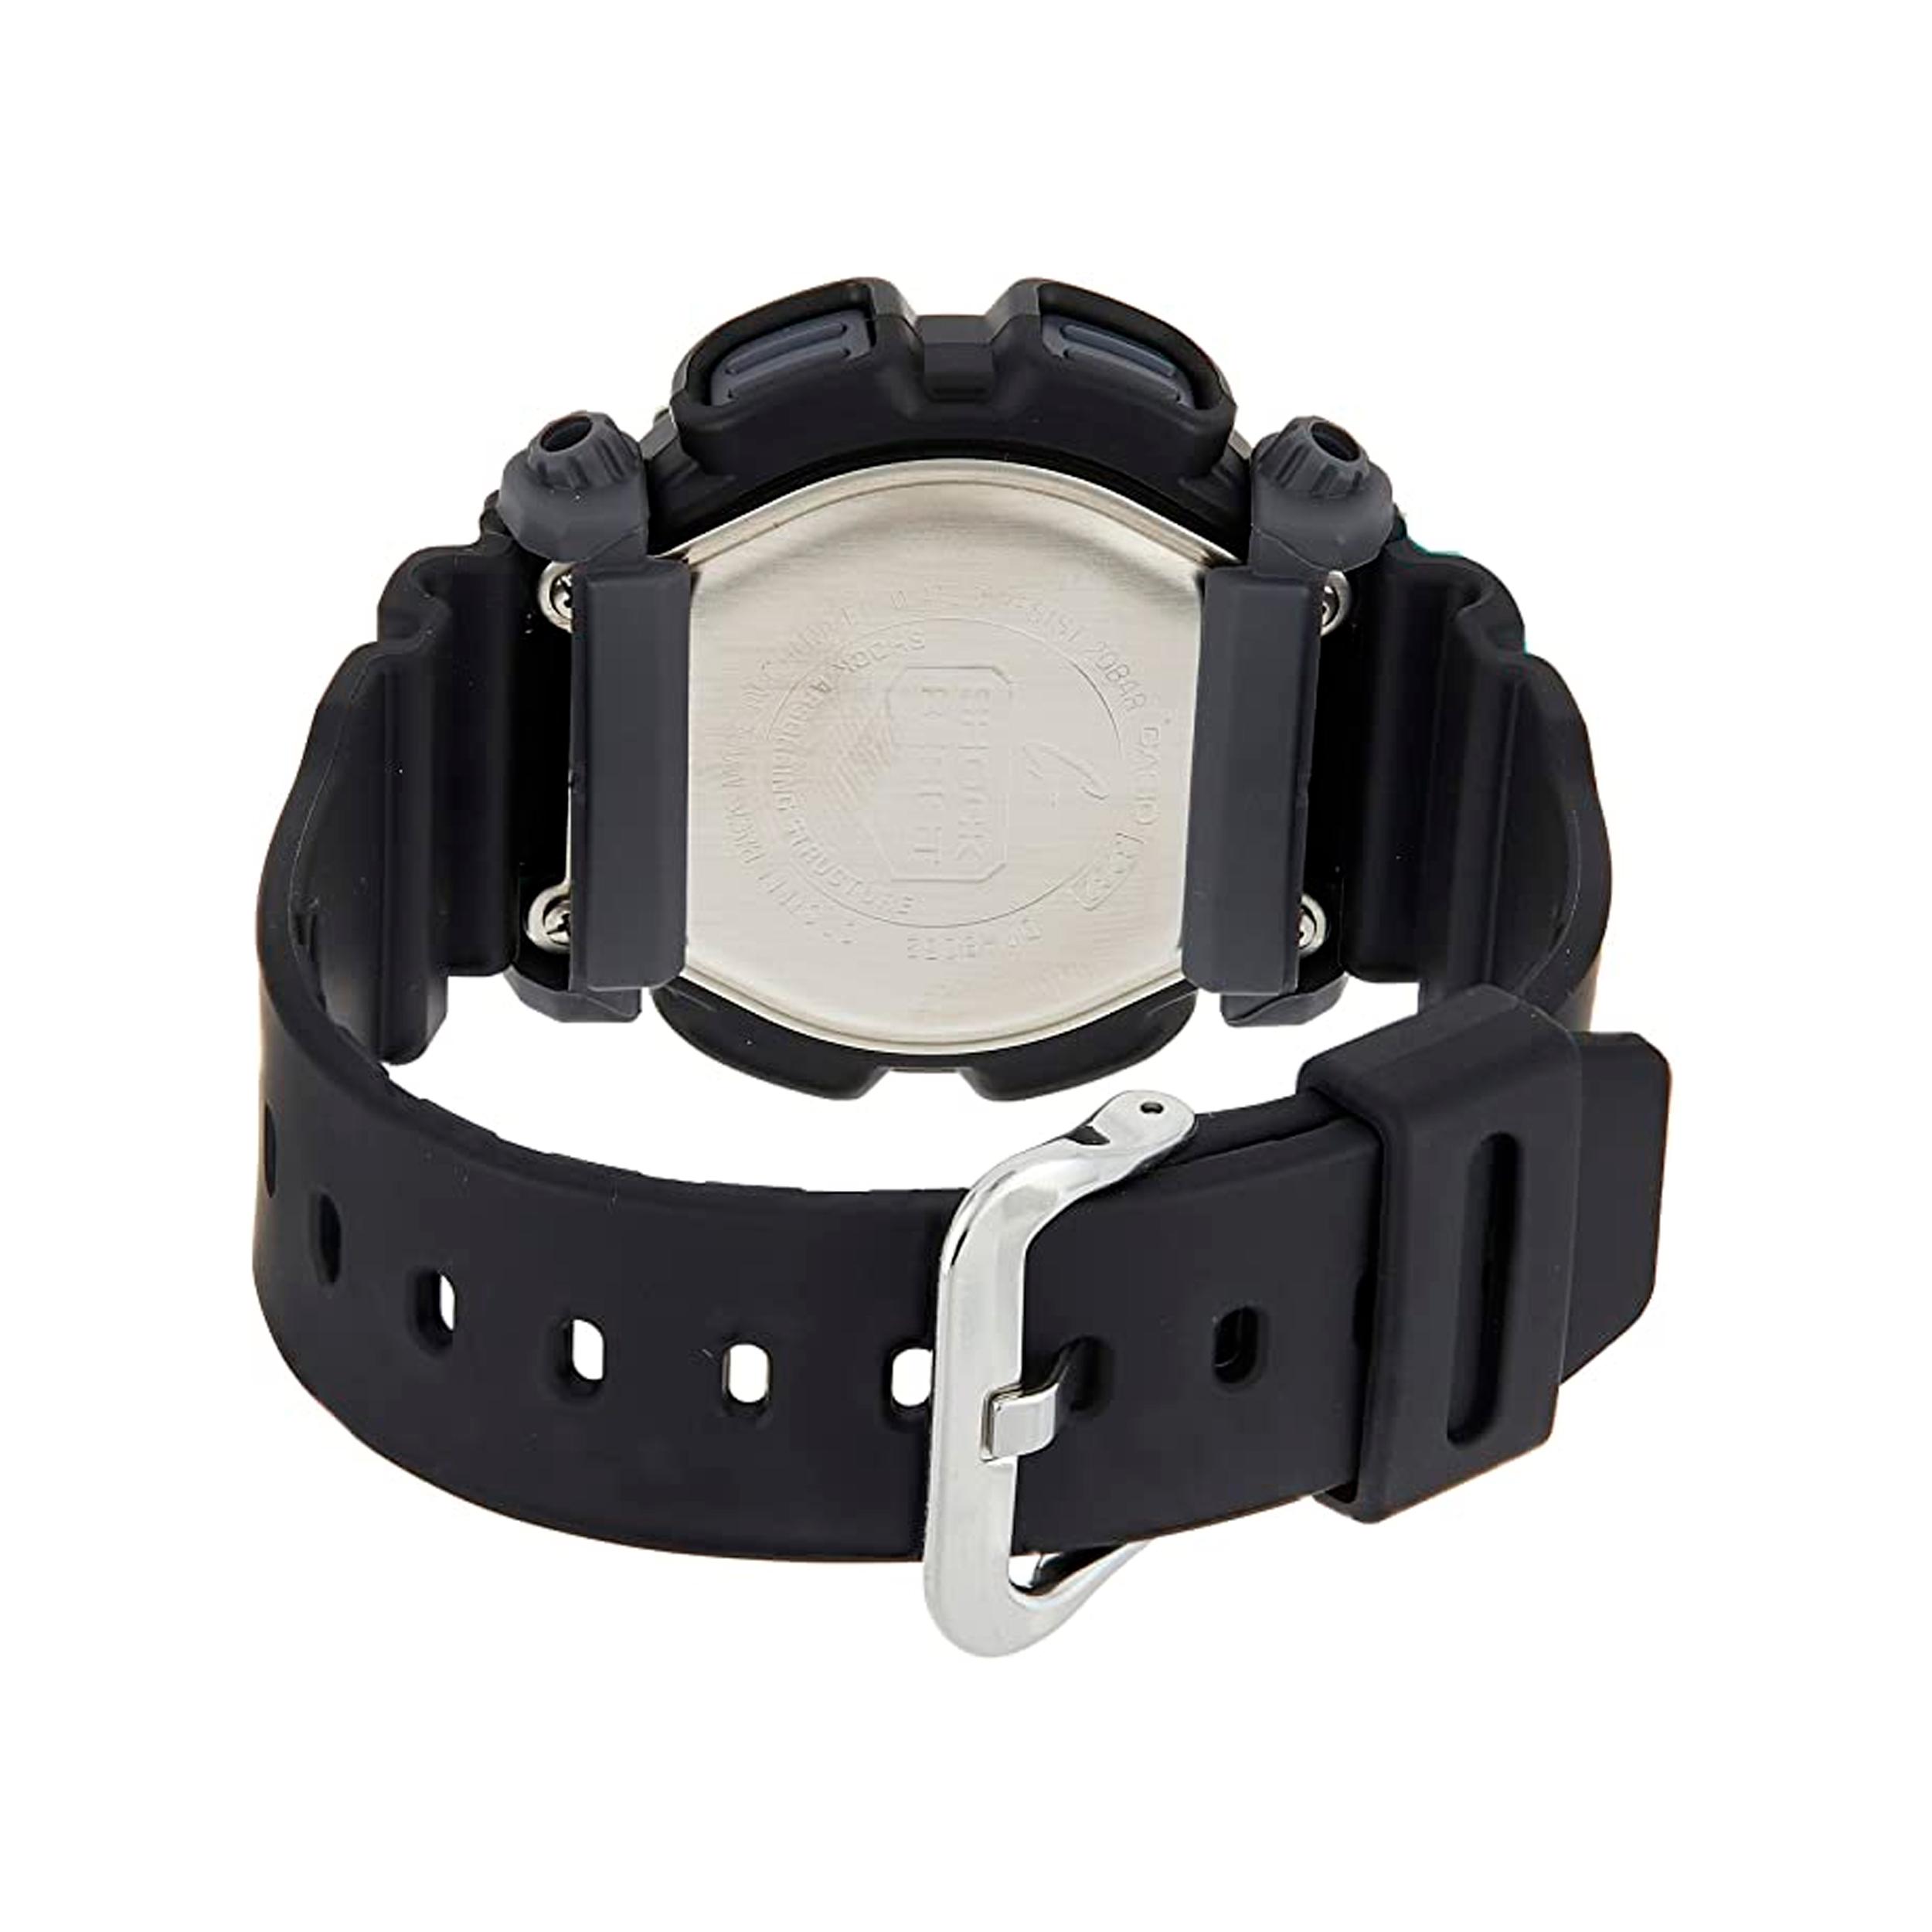 ساعت مچی دیجیتال مردانه کاسیو مدل DW-9052-1VDR             قیمت